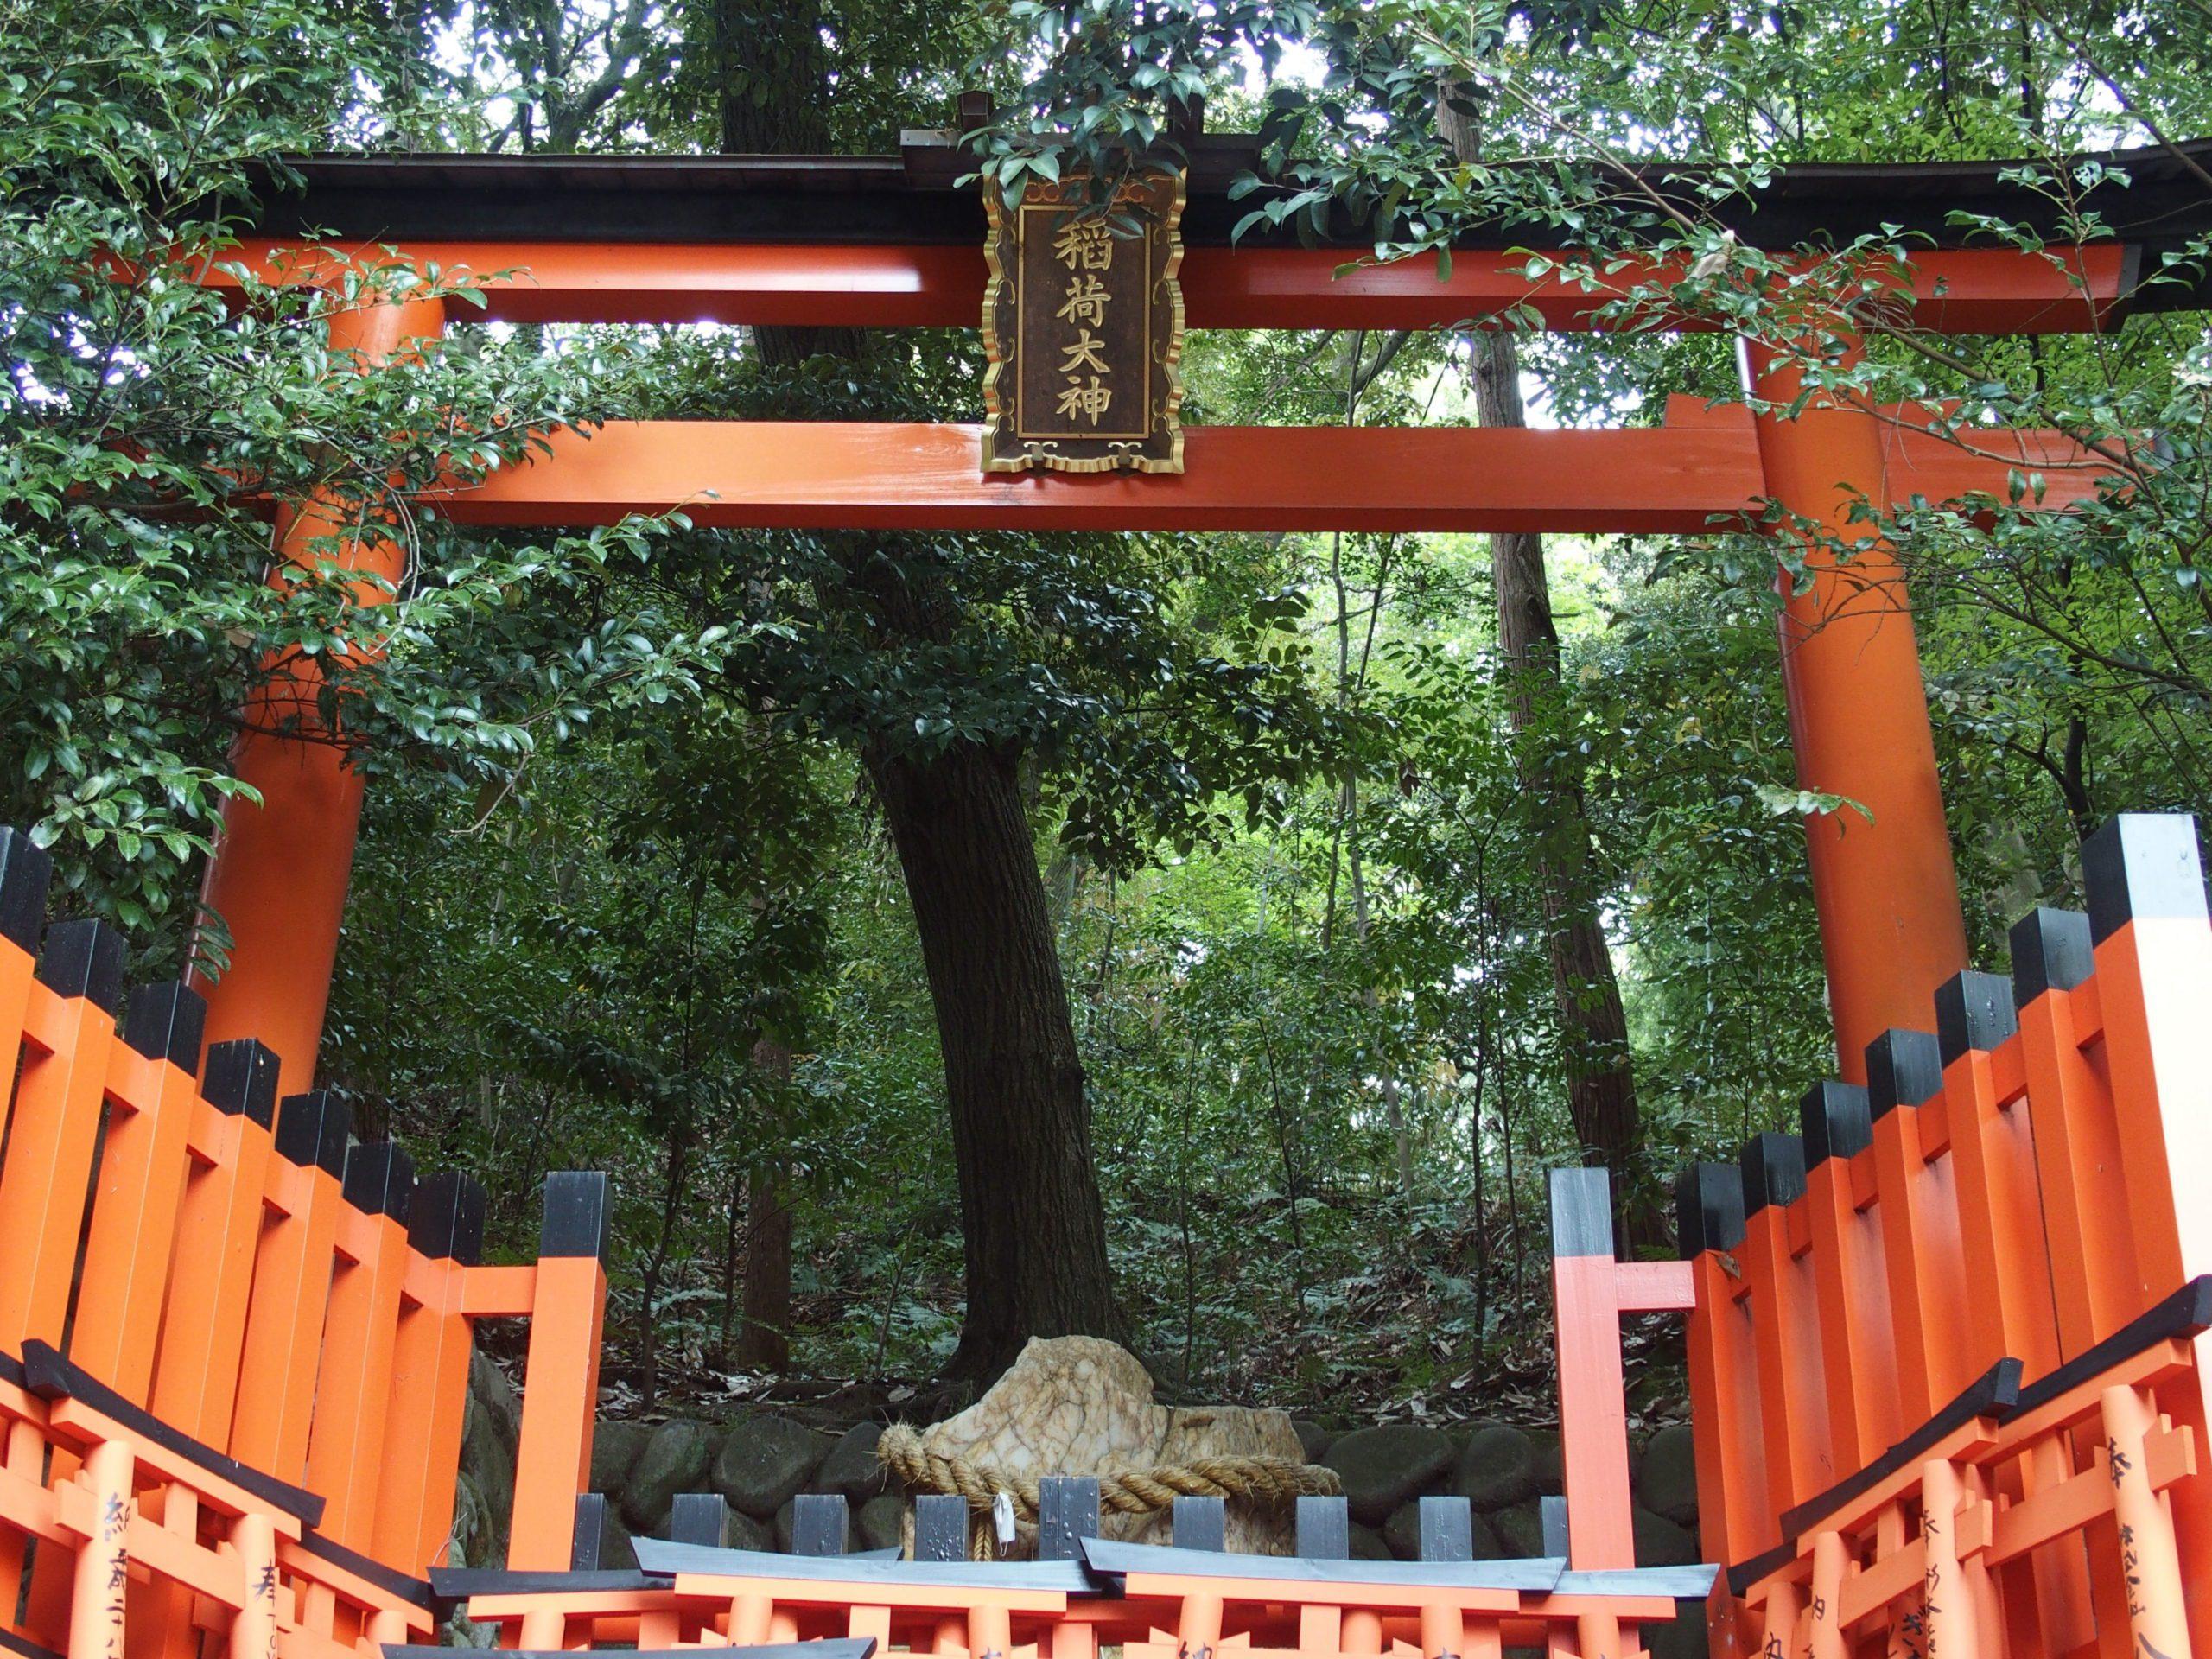 Torii du sanctuaire Fushimi Inari-taisha dans les bois Kyoto